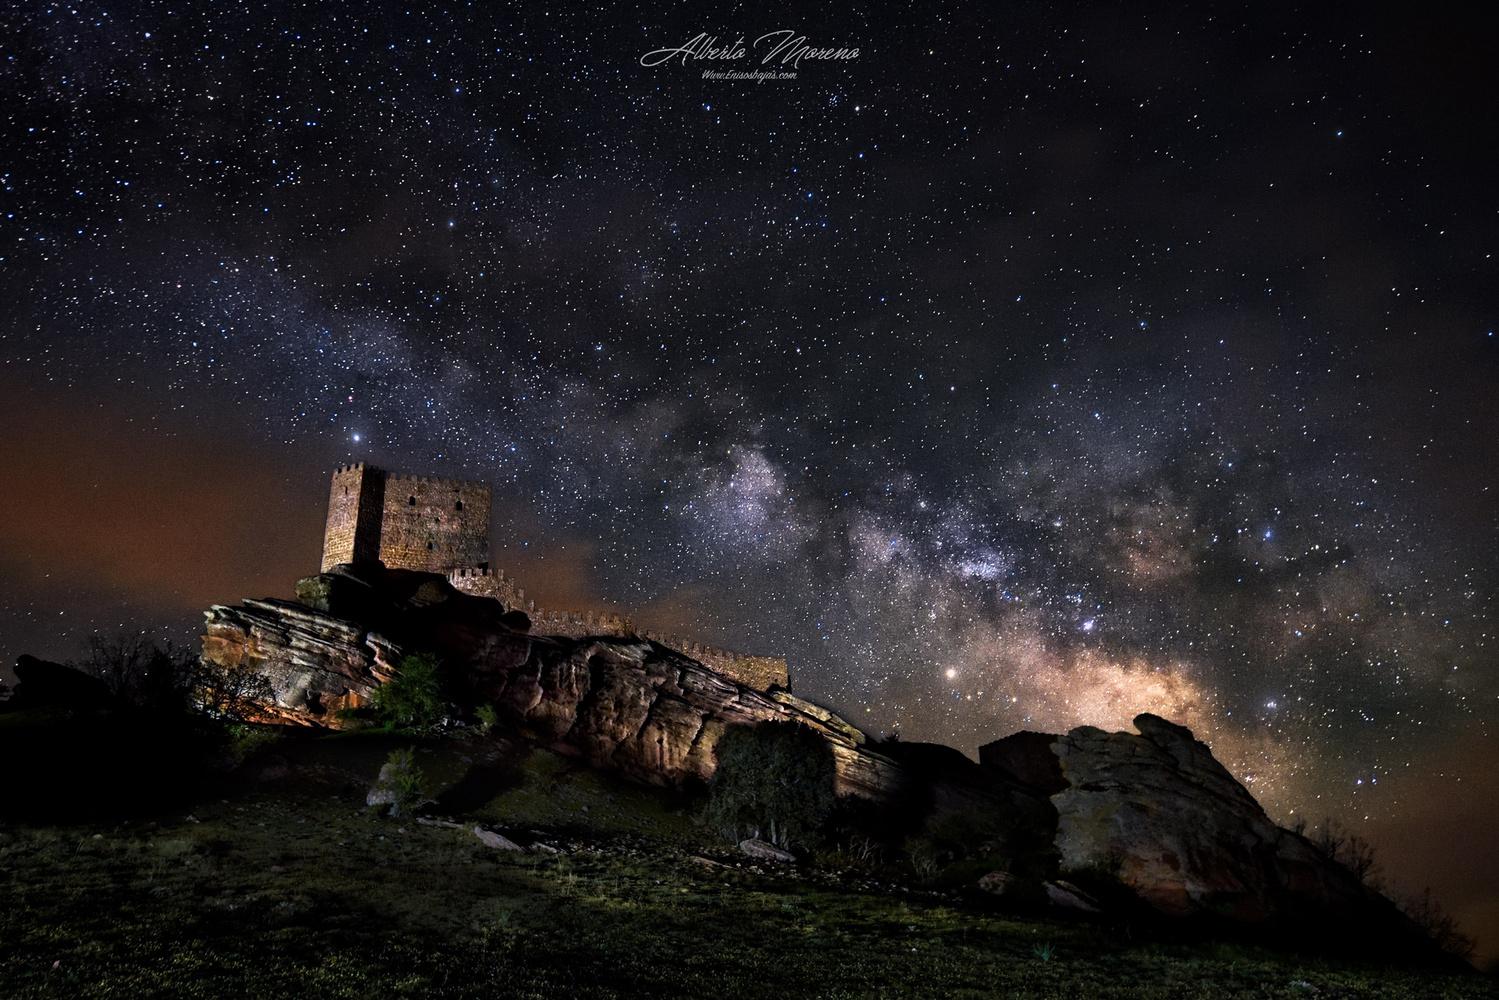 Zafra Castles by Alberto Moreno